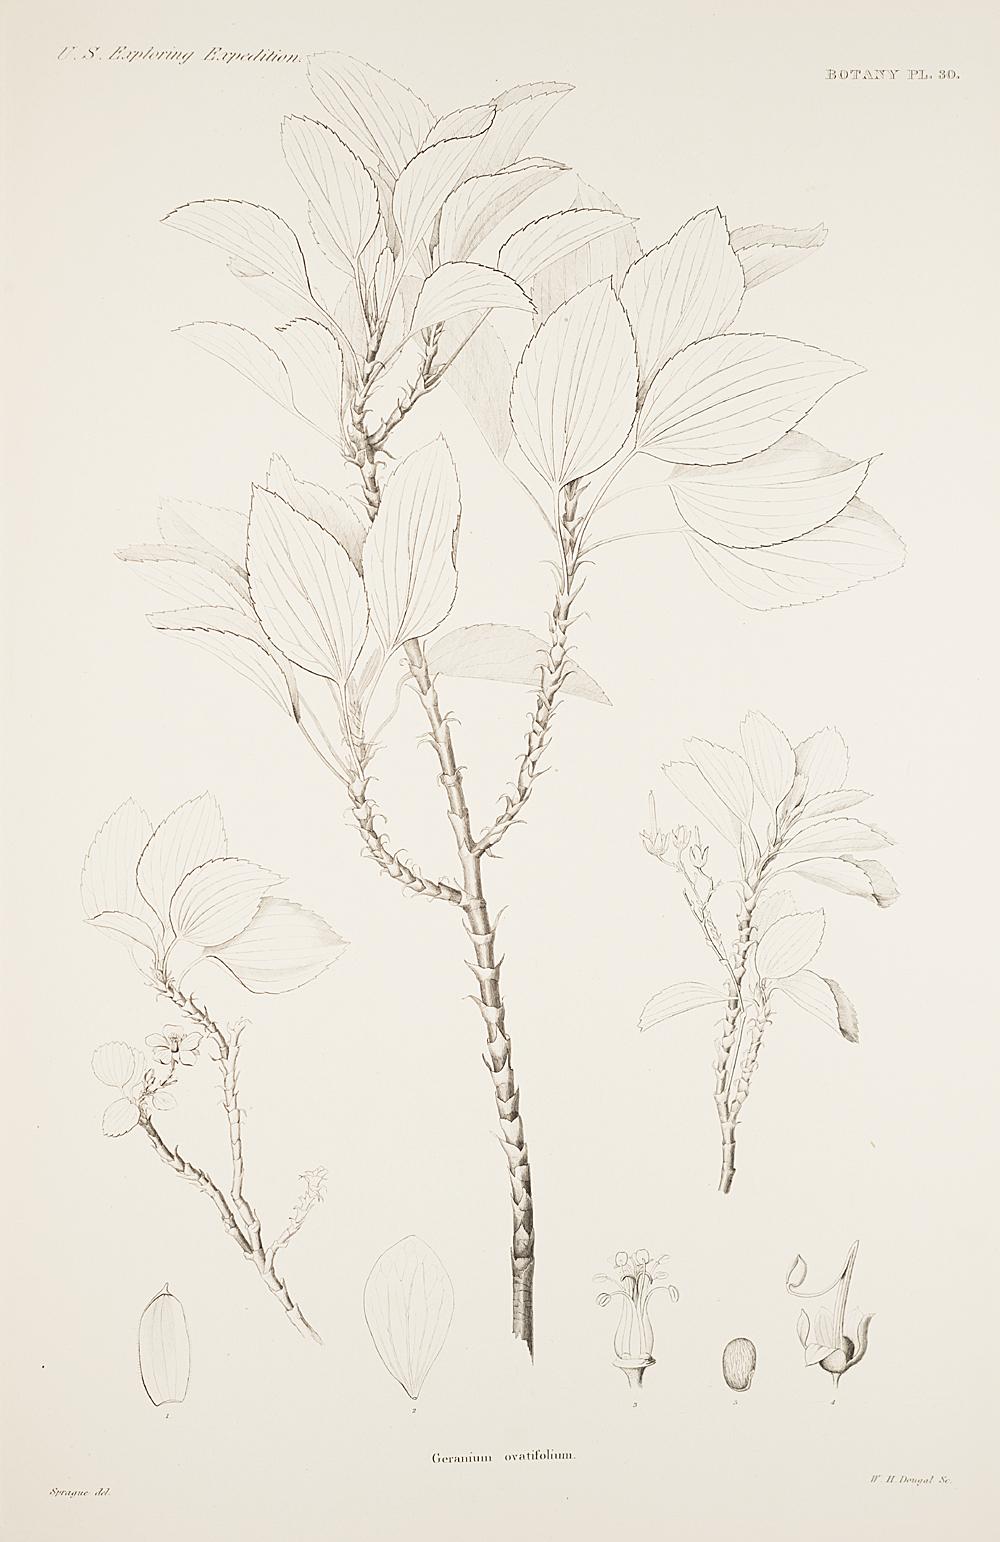 Botany, Pl. 30,  Image number:sil19-23-071b